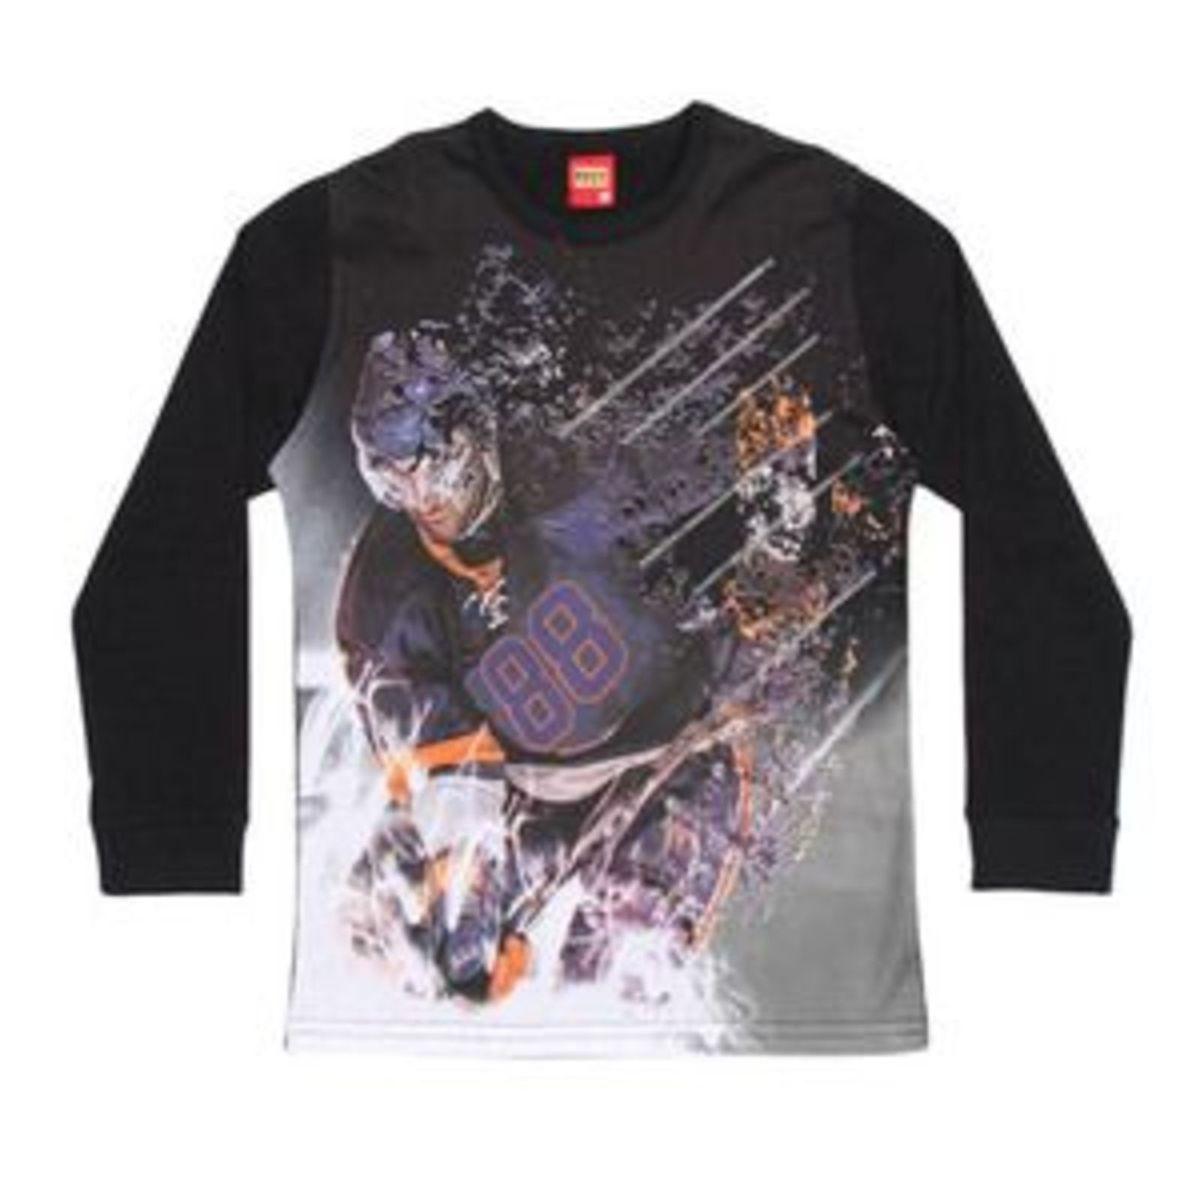 camiseta estampada. preta  amp  laranja. kyly - 16 - menino camiseta  estampada. 9c68510bc04e8